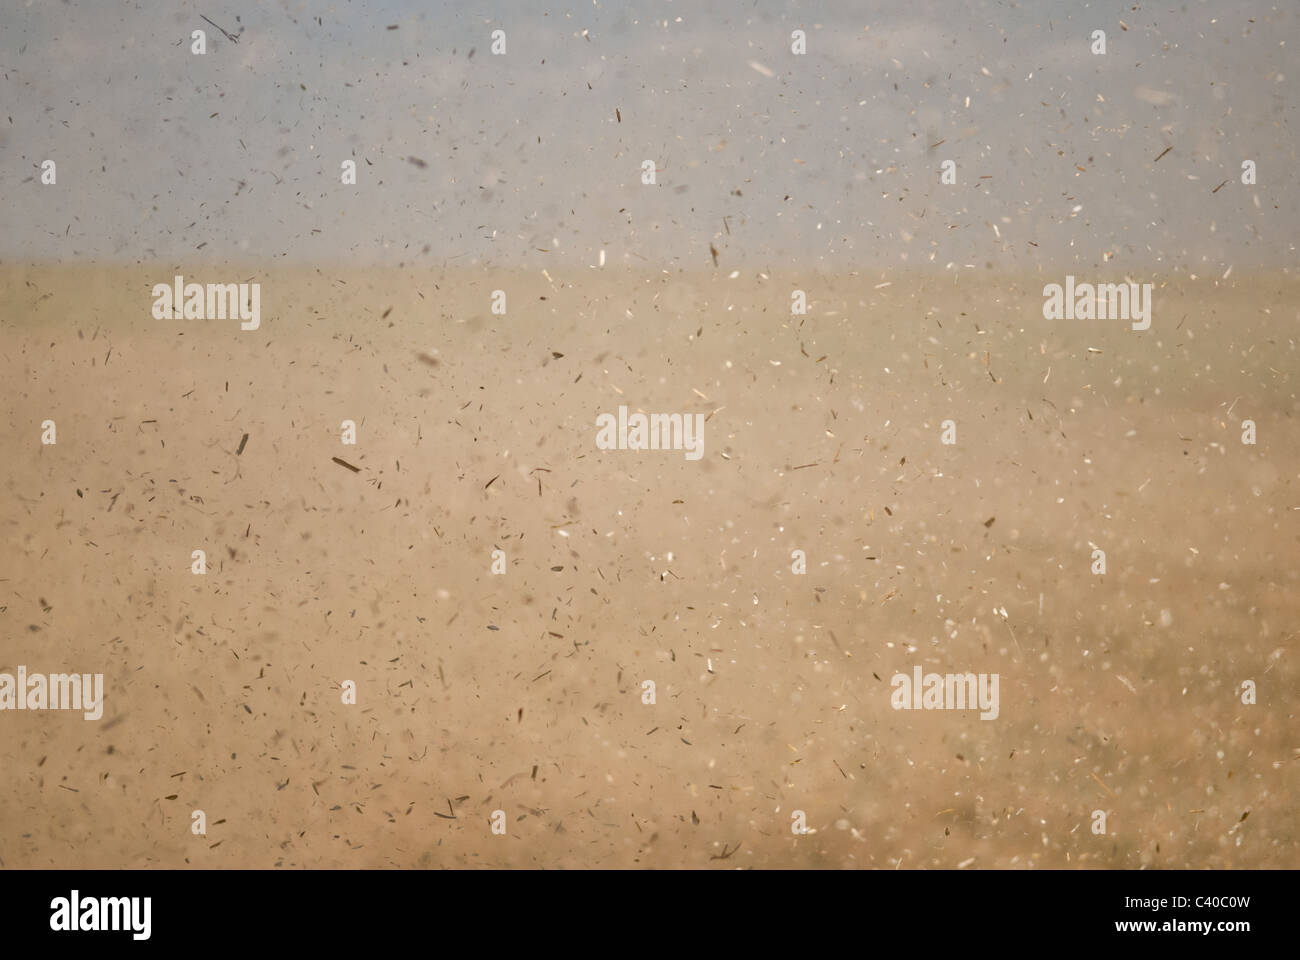 Les particules de poussière d'être jetée en l'air par une moissonneuse-batteuse de récolte. Photo Stock